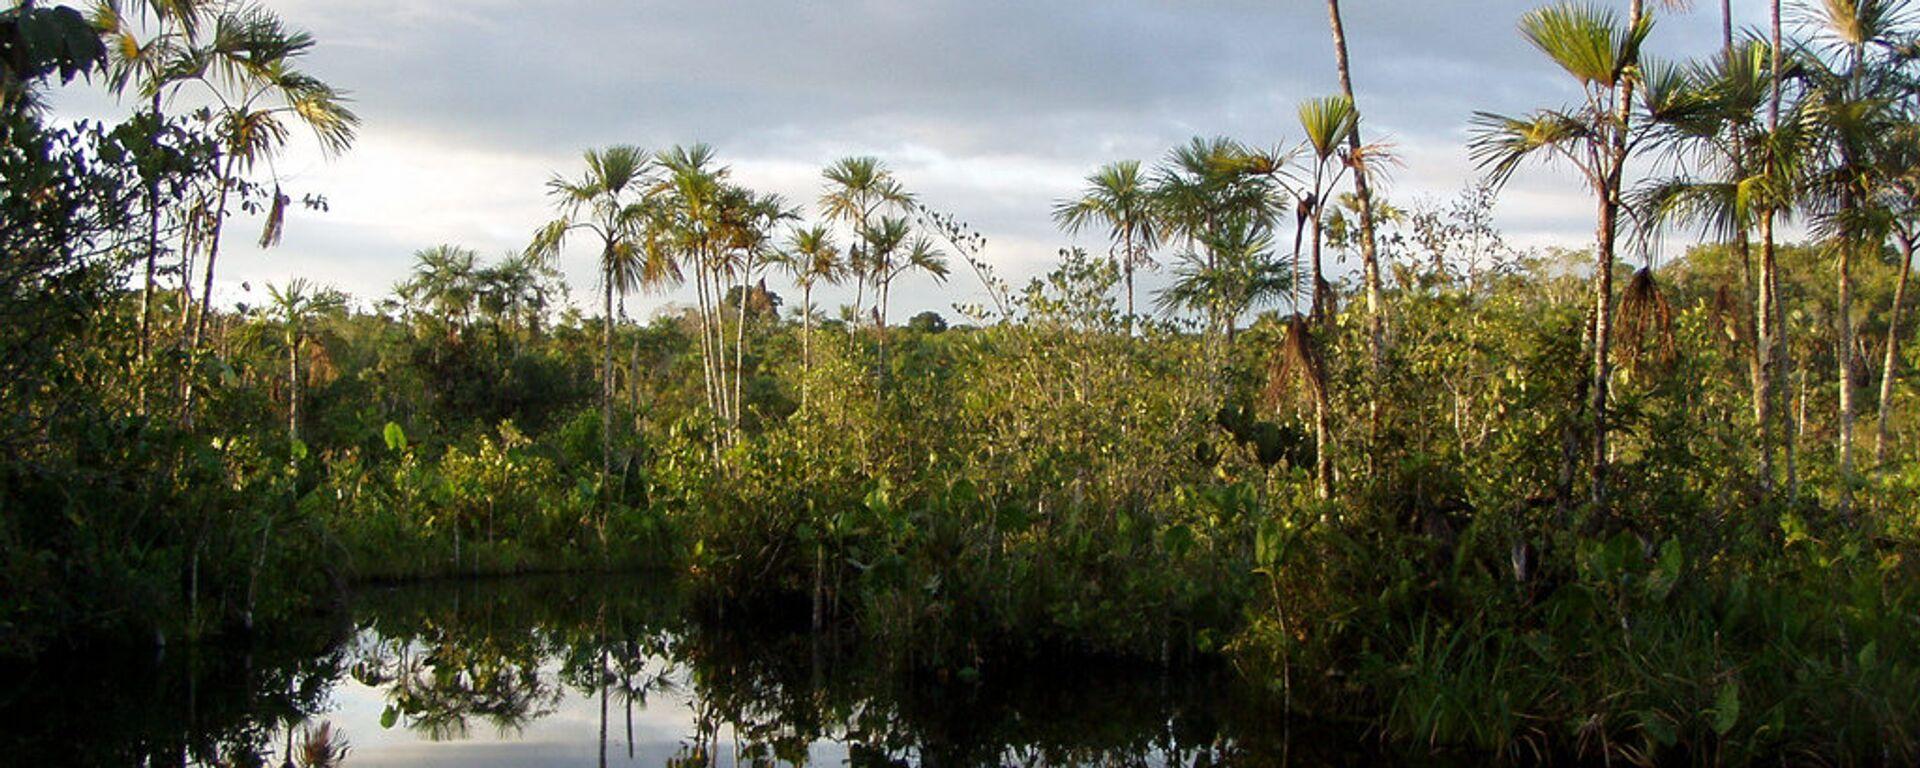 Parque Yasuní, Amazonía - Sputnik Mundo, 1920, 25.12.2020